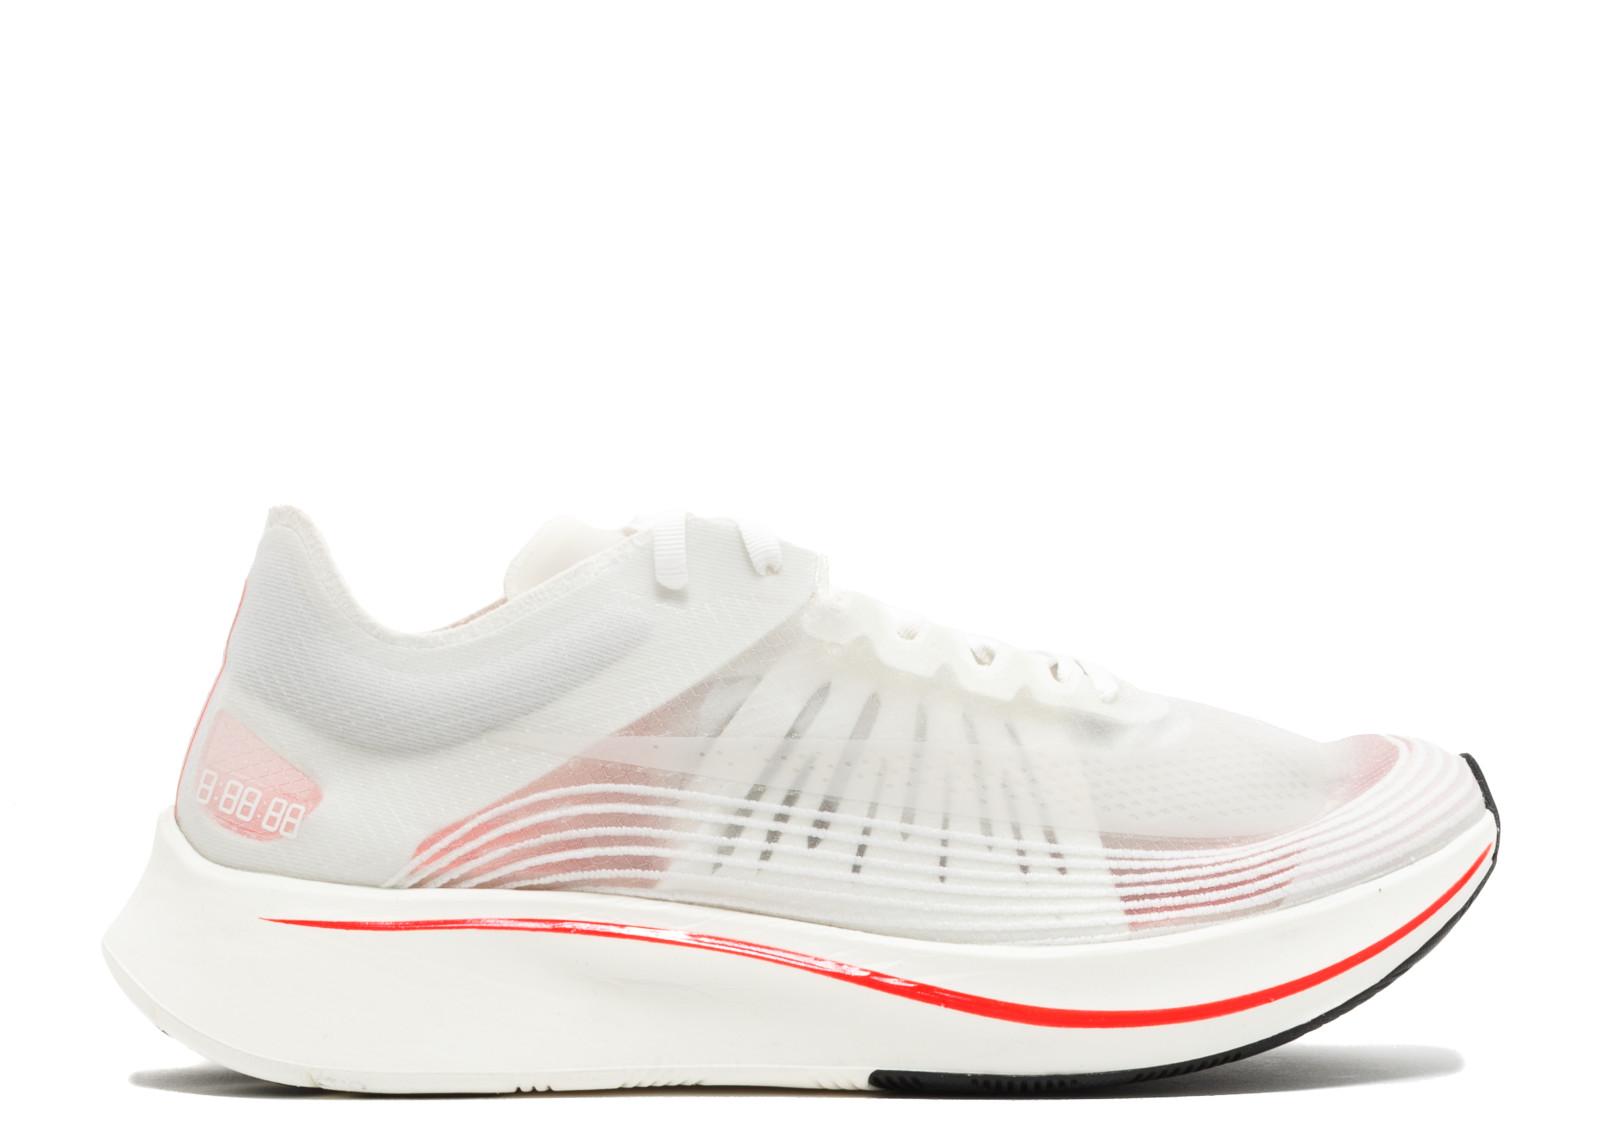 on sale d6758 ab5e2 Kick Avenue - Authentic Sneakers